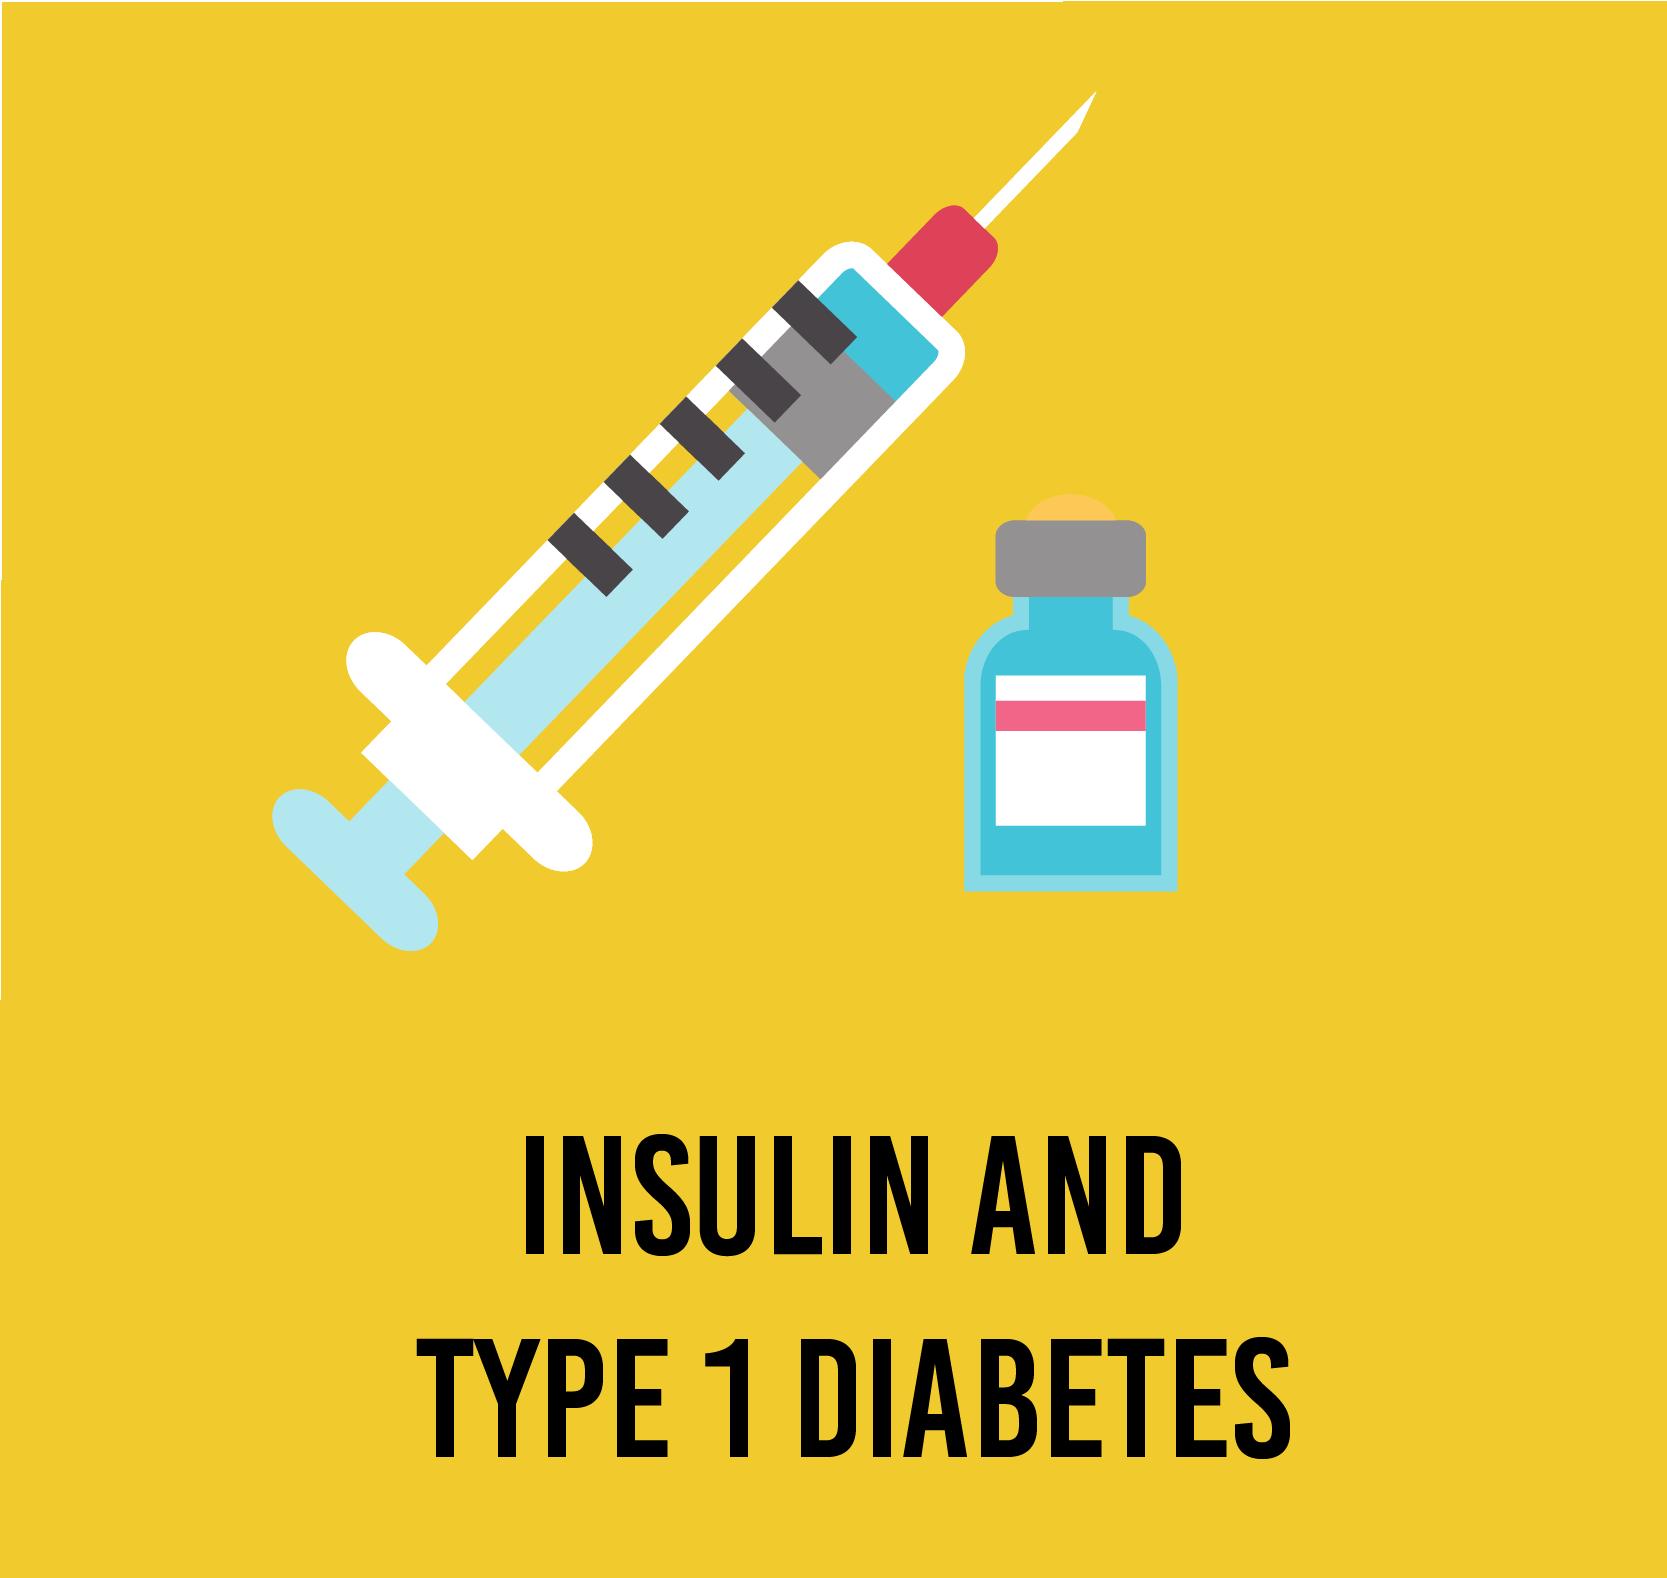 Type 1 diabetes_Artboard 1p copy 4.png